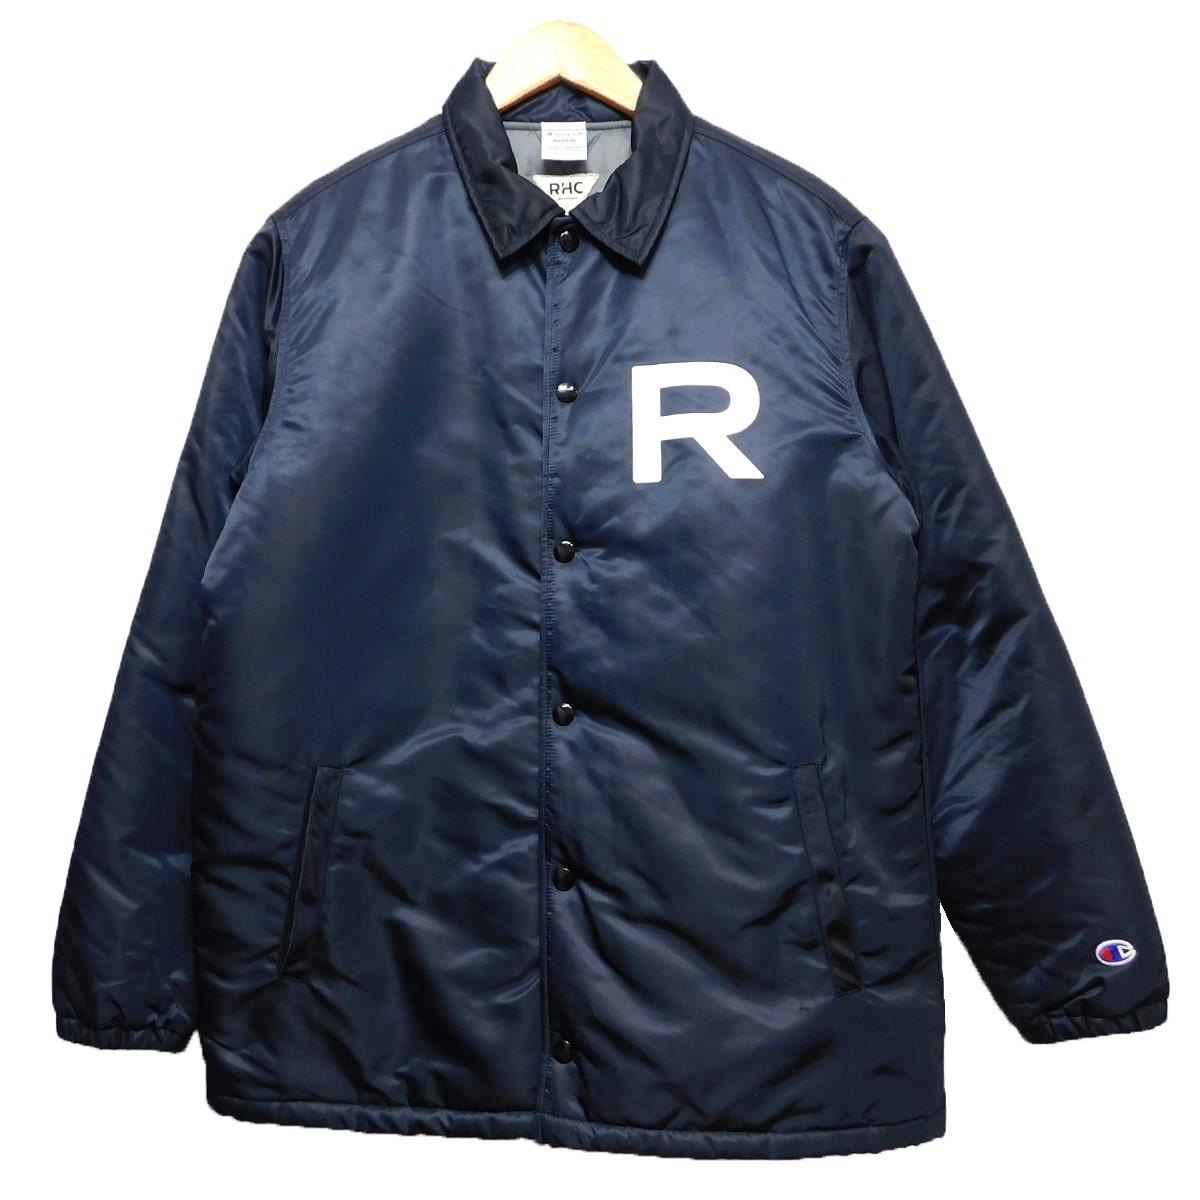 【中古】RonHerman×Champion バックプリント中綿コーチジャケット ネイビー サイズ:M 【220120】(ロンハーマン チャンピオン)